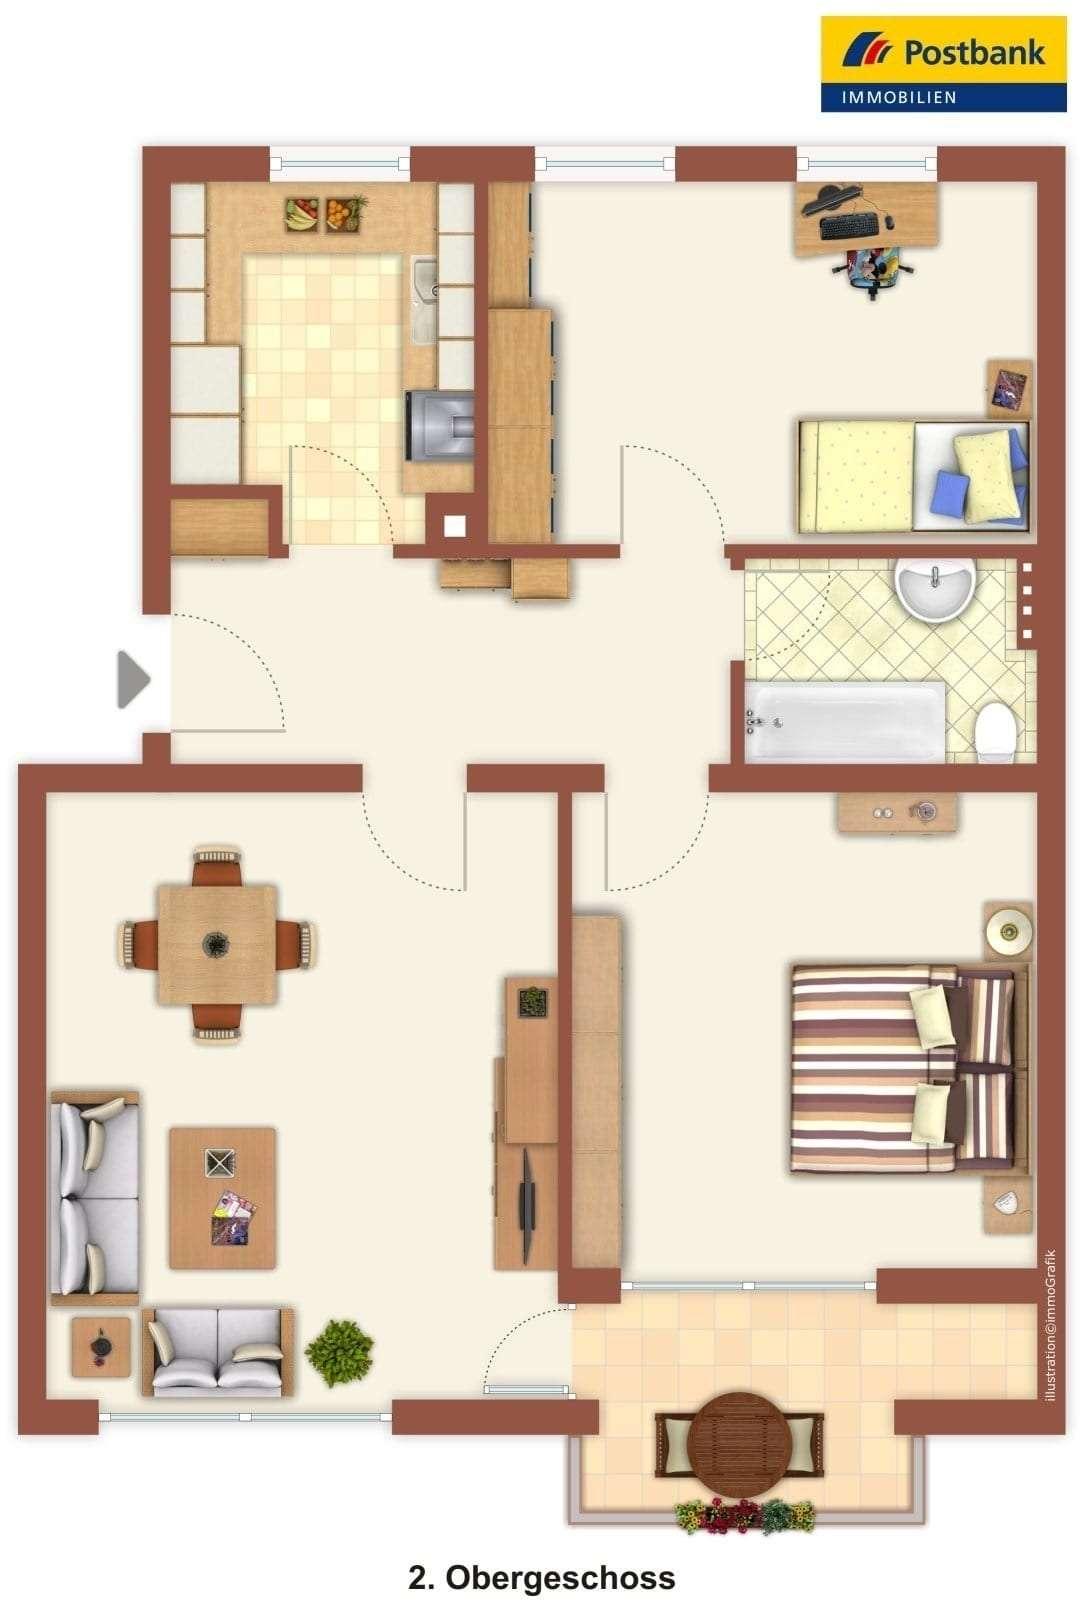 Ruhig gelegene  3 Zimmer Wohnung  in Traunstein